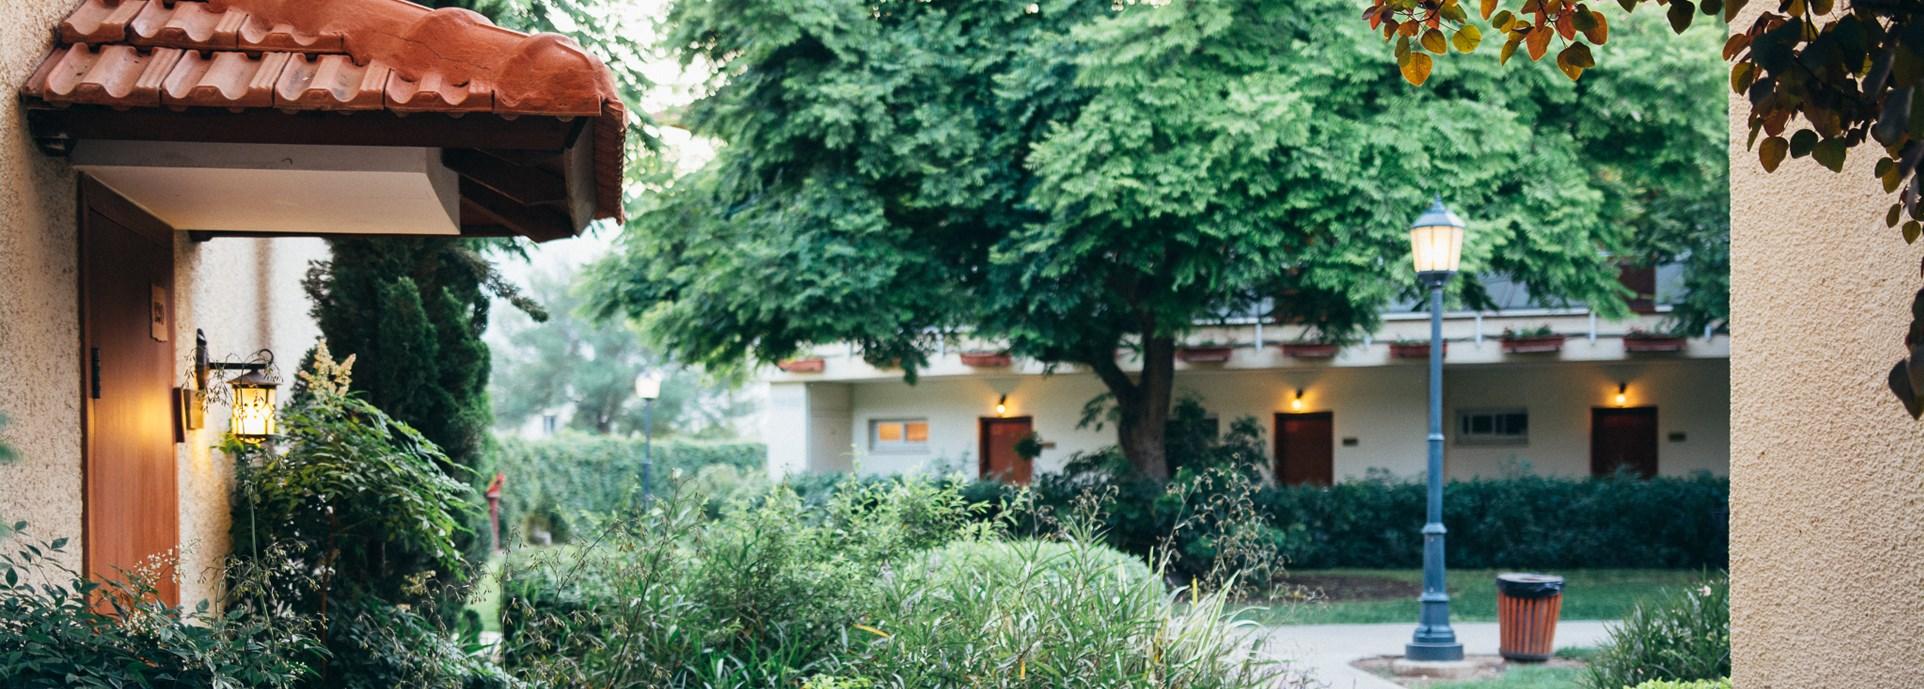 מלון פסטורל כפר בלום - תמונת חוץ